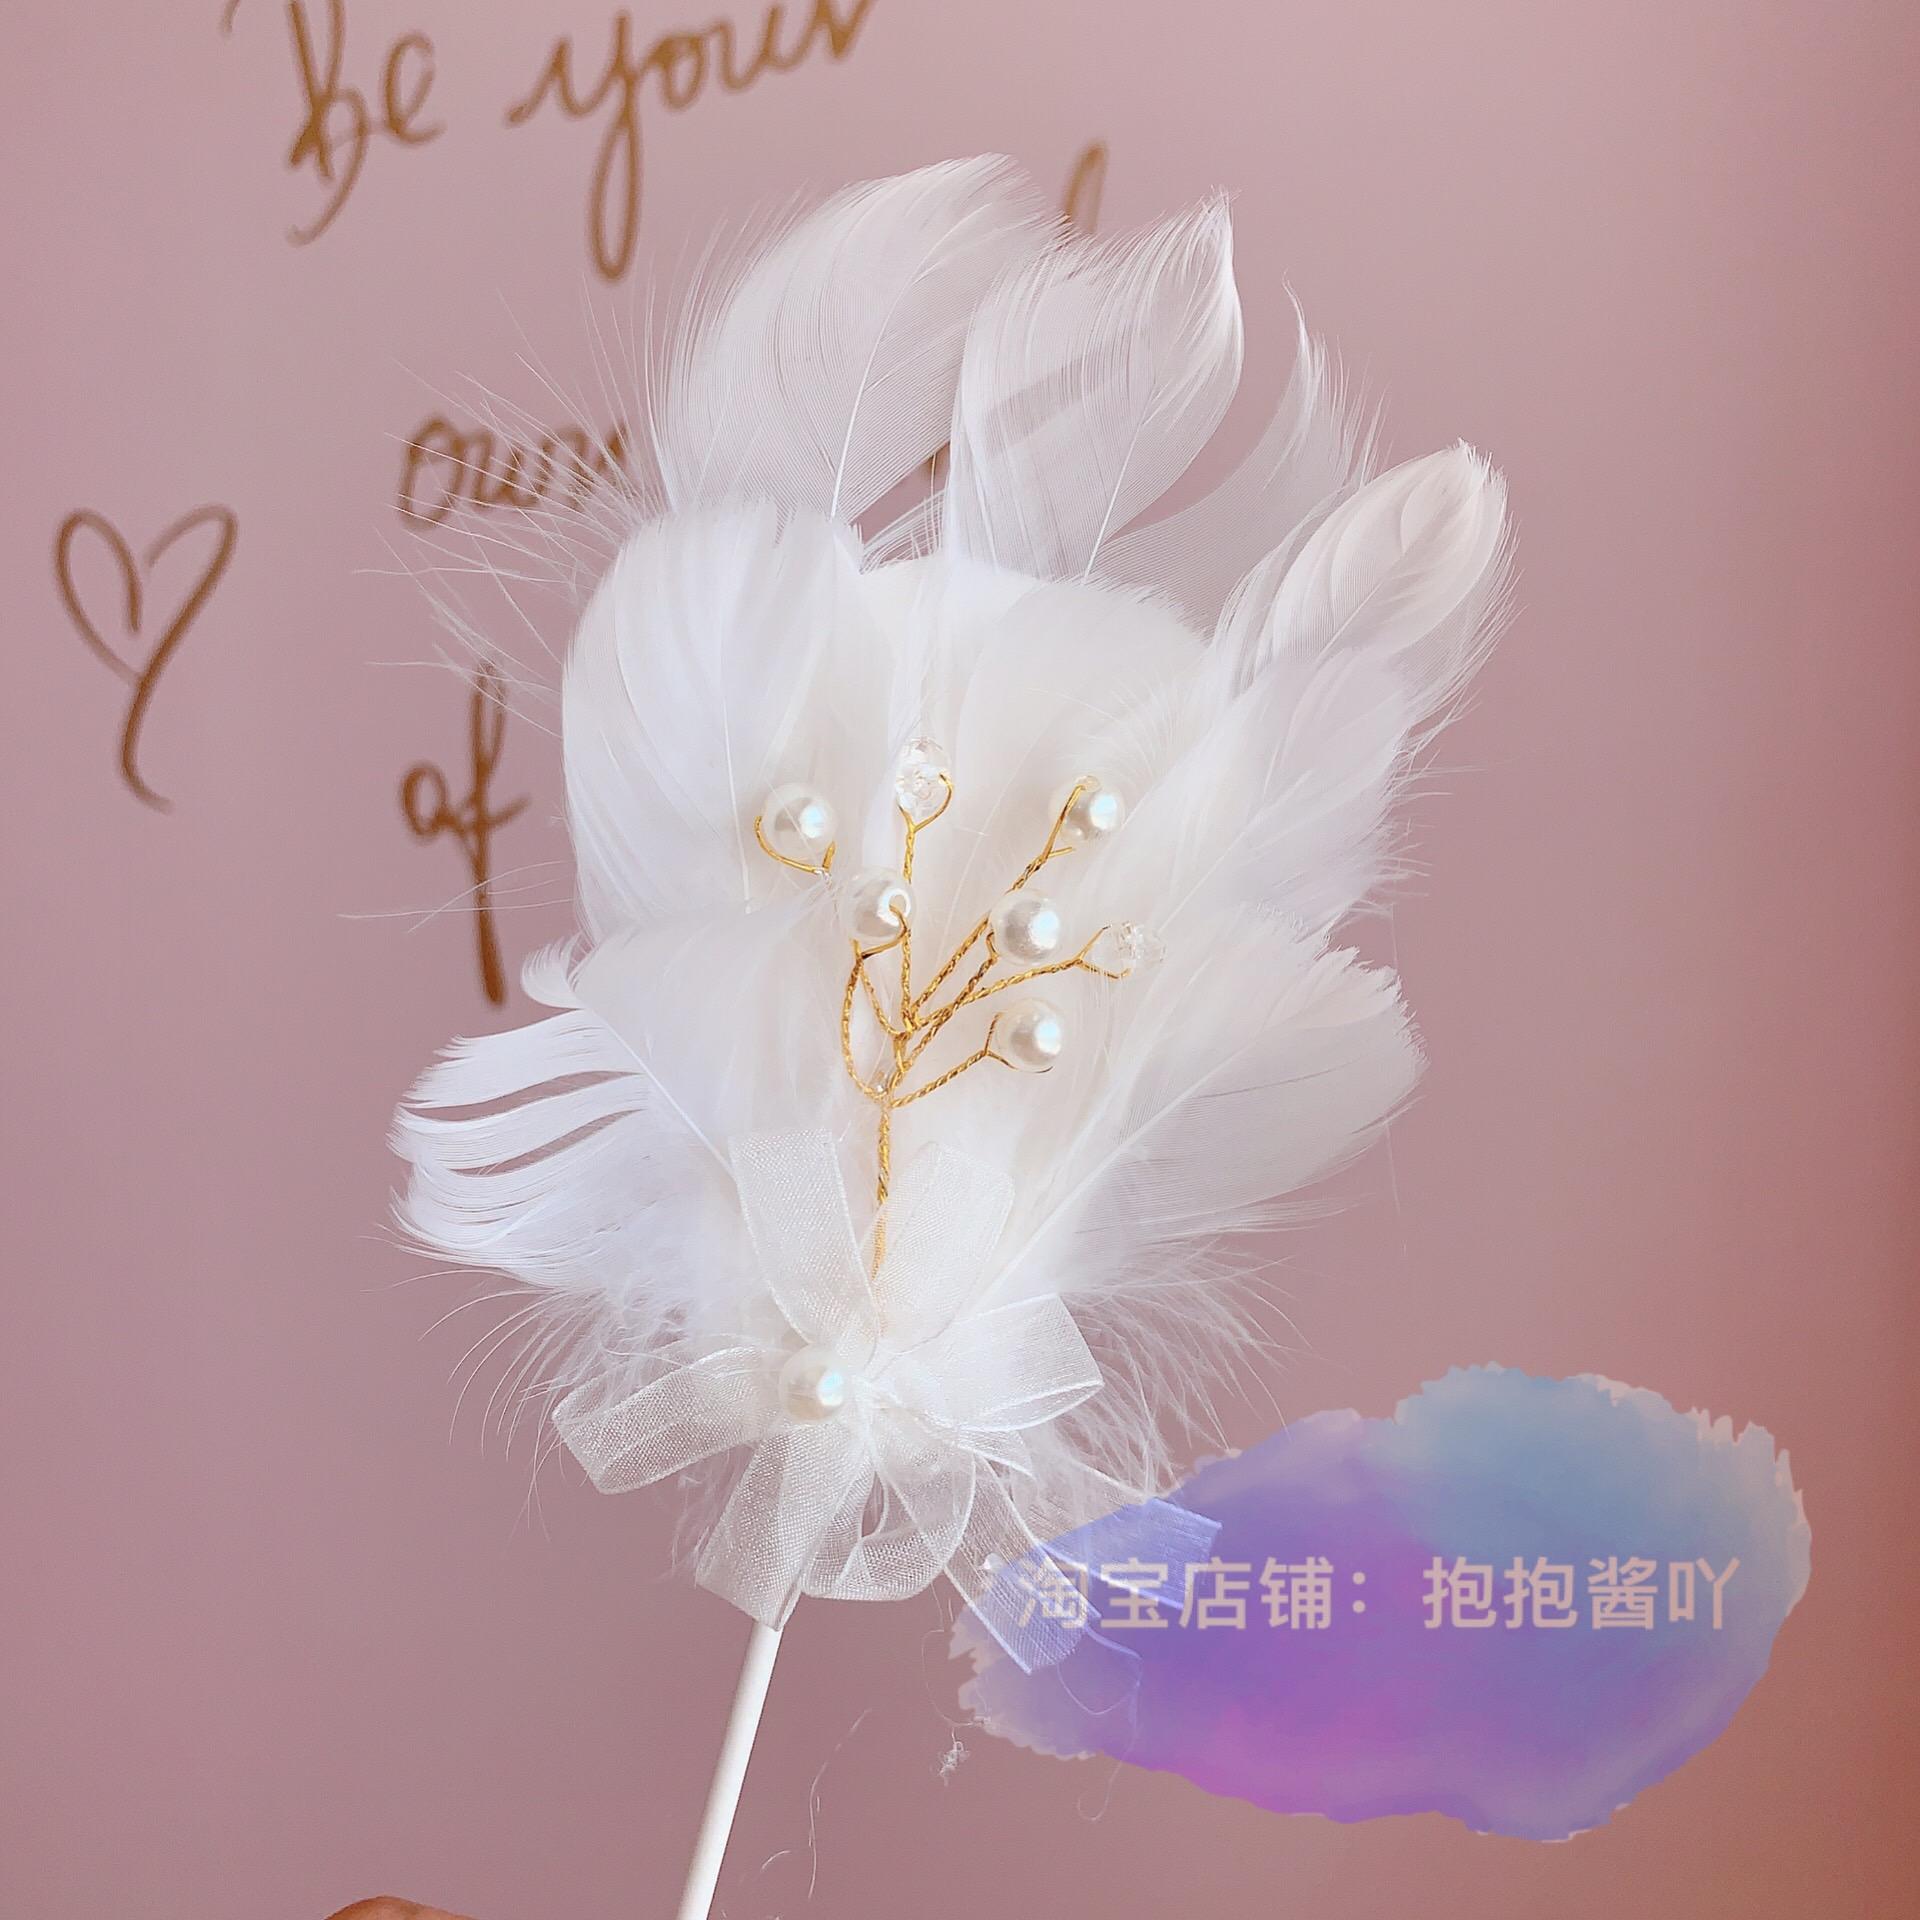 珍珠羽毛蝴蝶结插牌仙女风蛋糕摆件唯美白色羽毛插牌网红装饰蛋糕